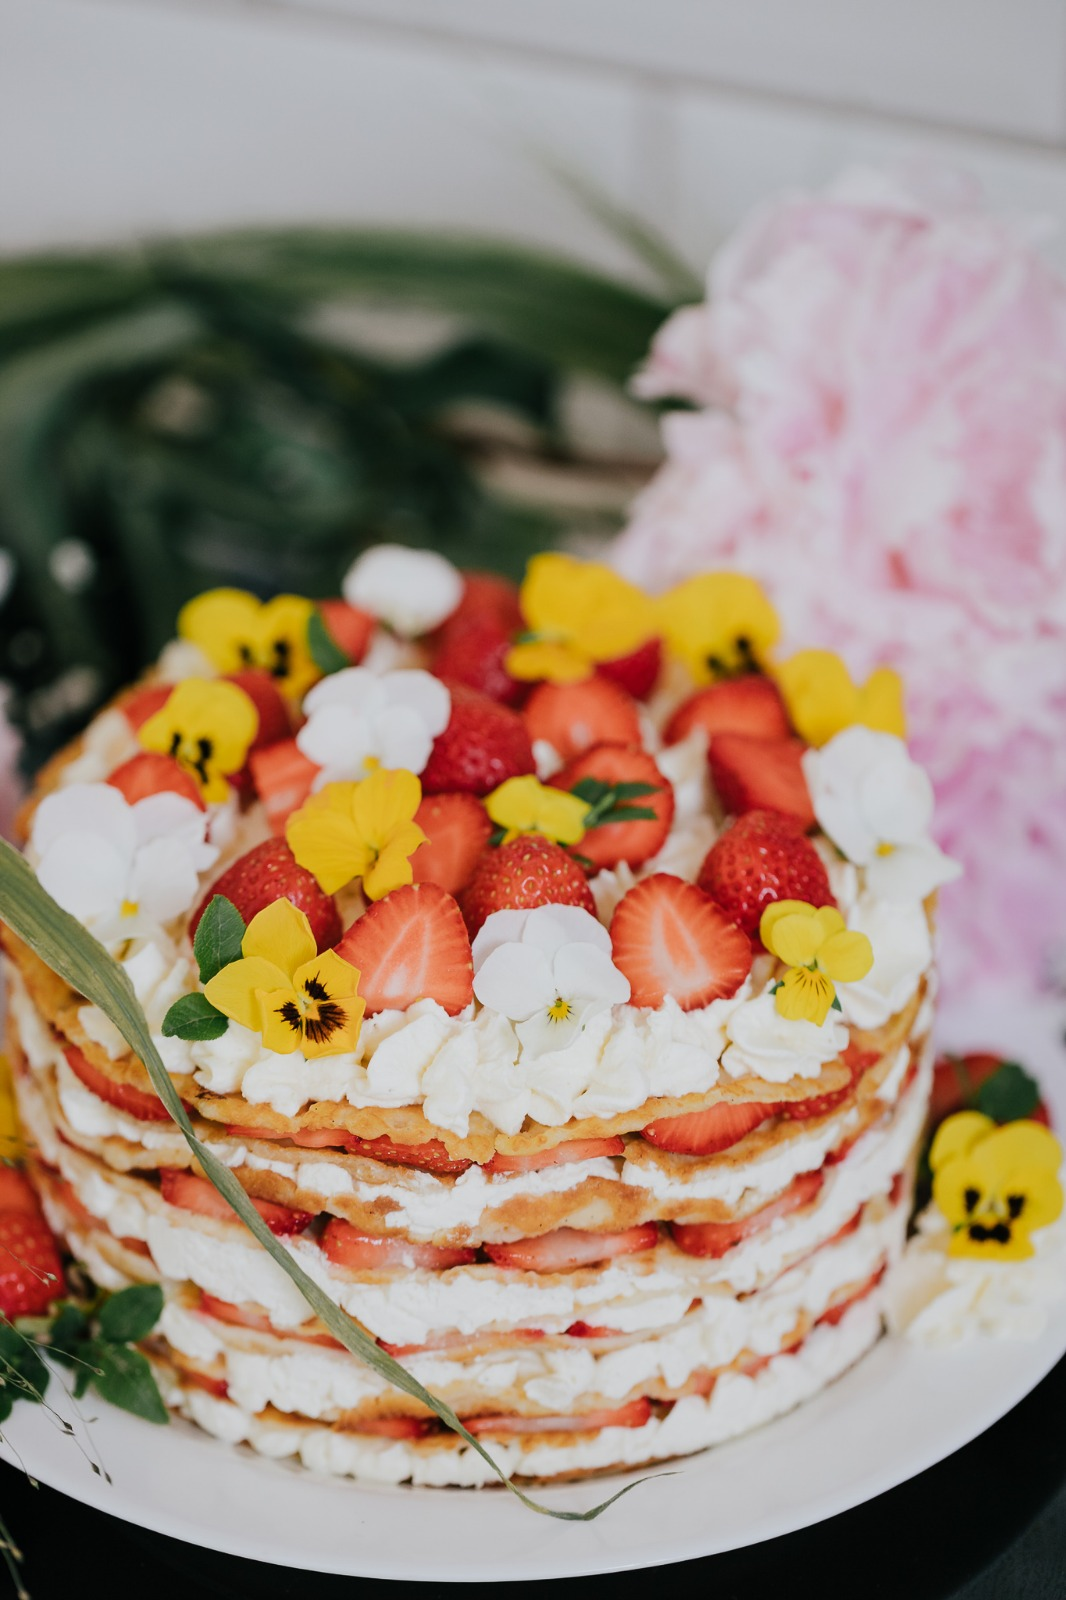 Kesäjuhlien helppo ja näyttävä jälkiruoka syntyy maukkaista letuista. Voit koota jälkiruoan esimerkiksi irtopohjavuokaan, tai tarjoilla letut ja lisukkeet erikseen.